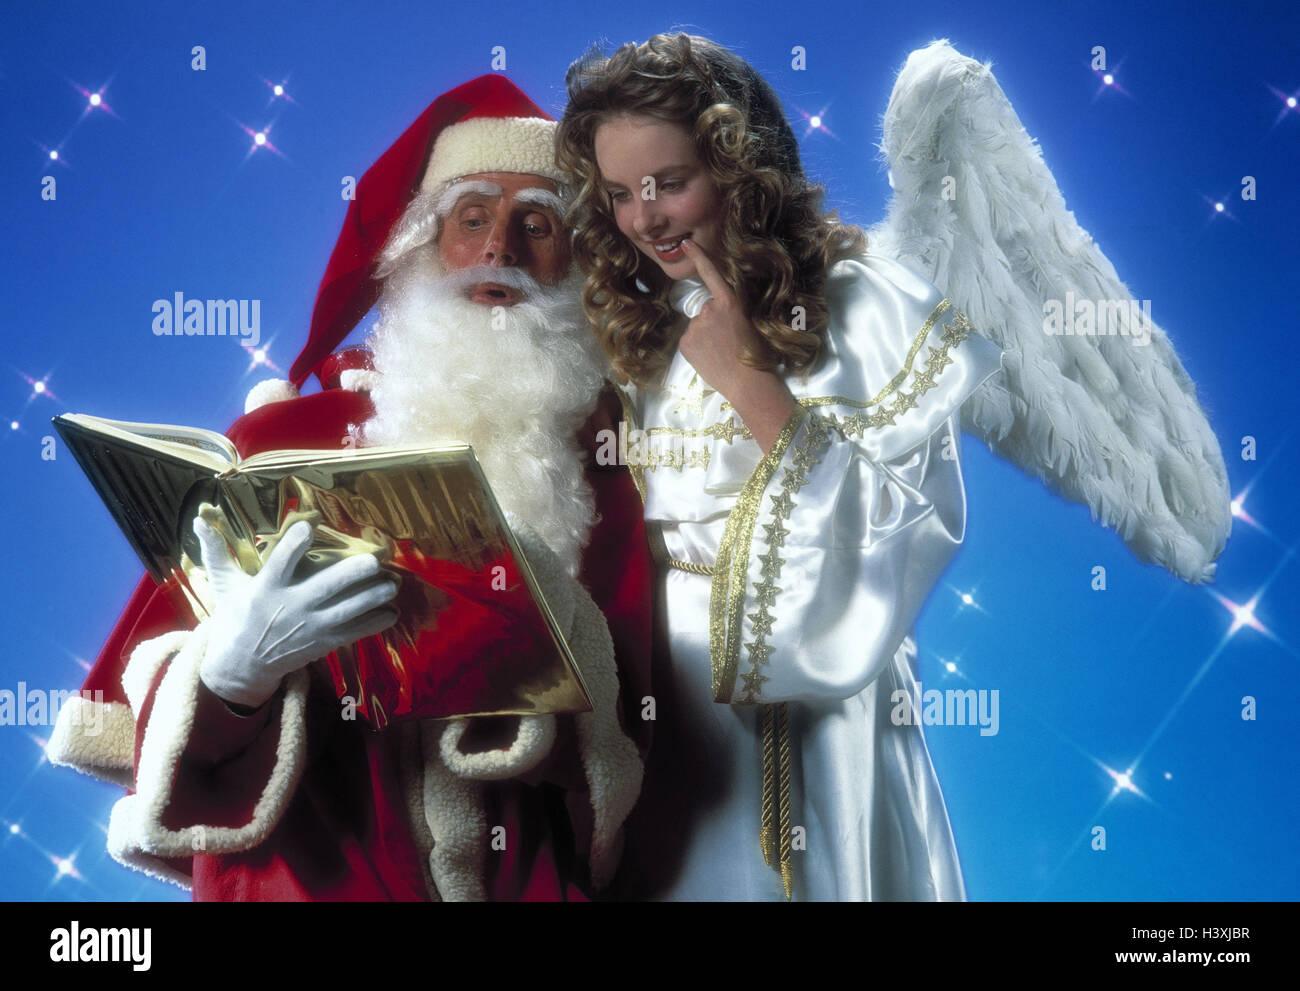 Weihnachtsmann, Engel, Golden, Buch, Mimik, Lächeln, Mann, Schlange ...